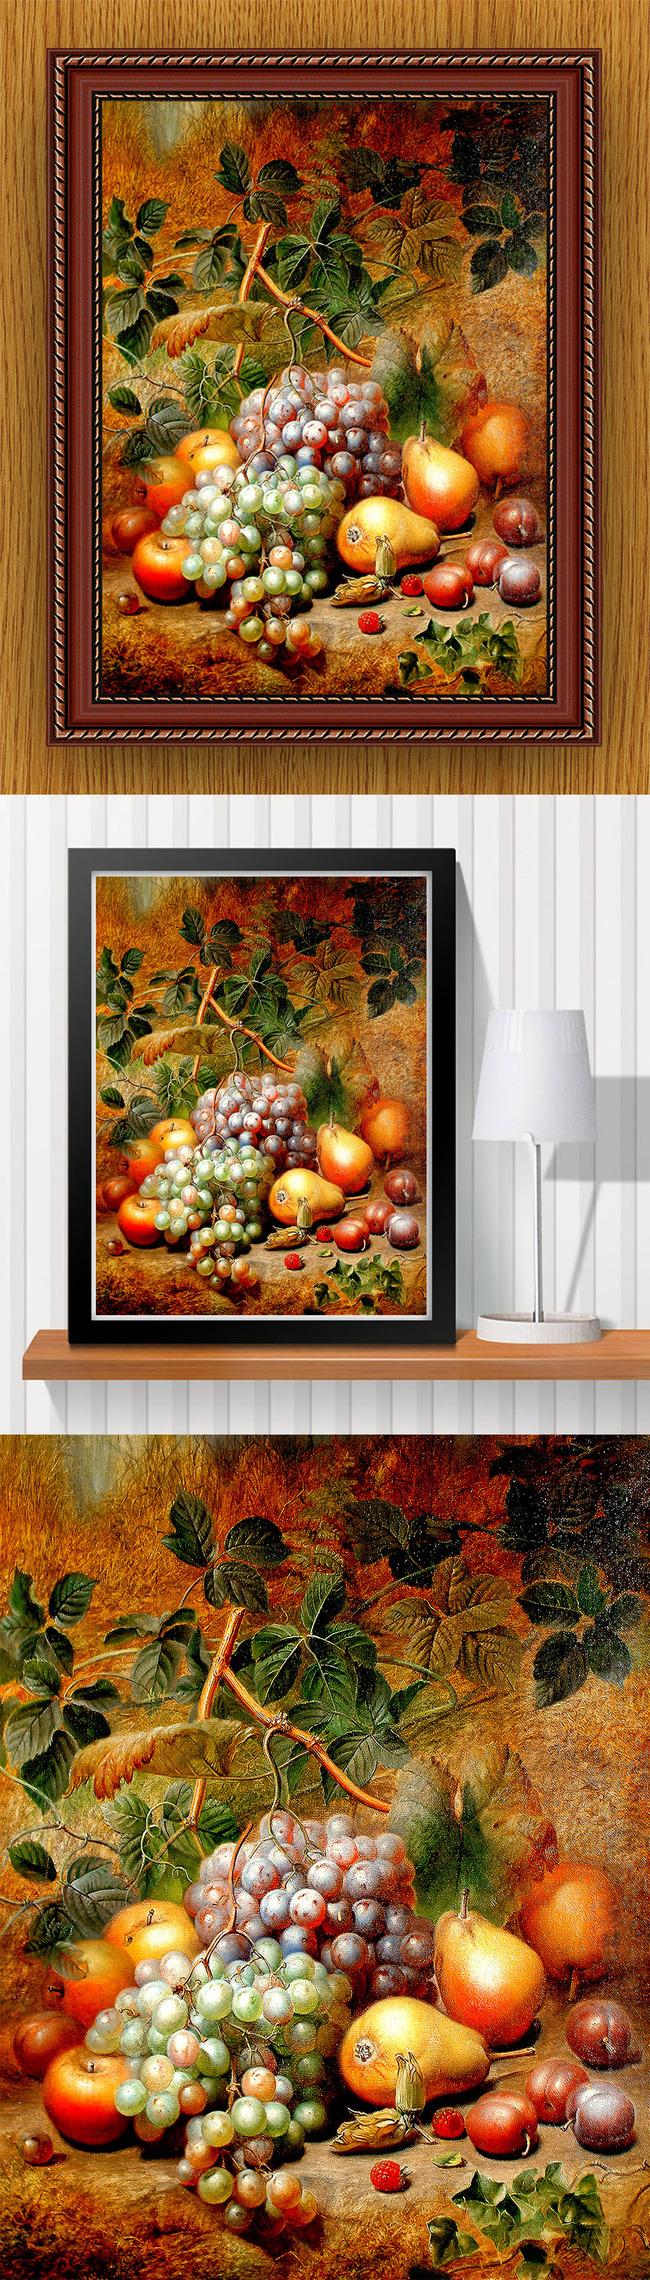 高清手绘欧式古典写实风格竖版水果油画